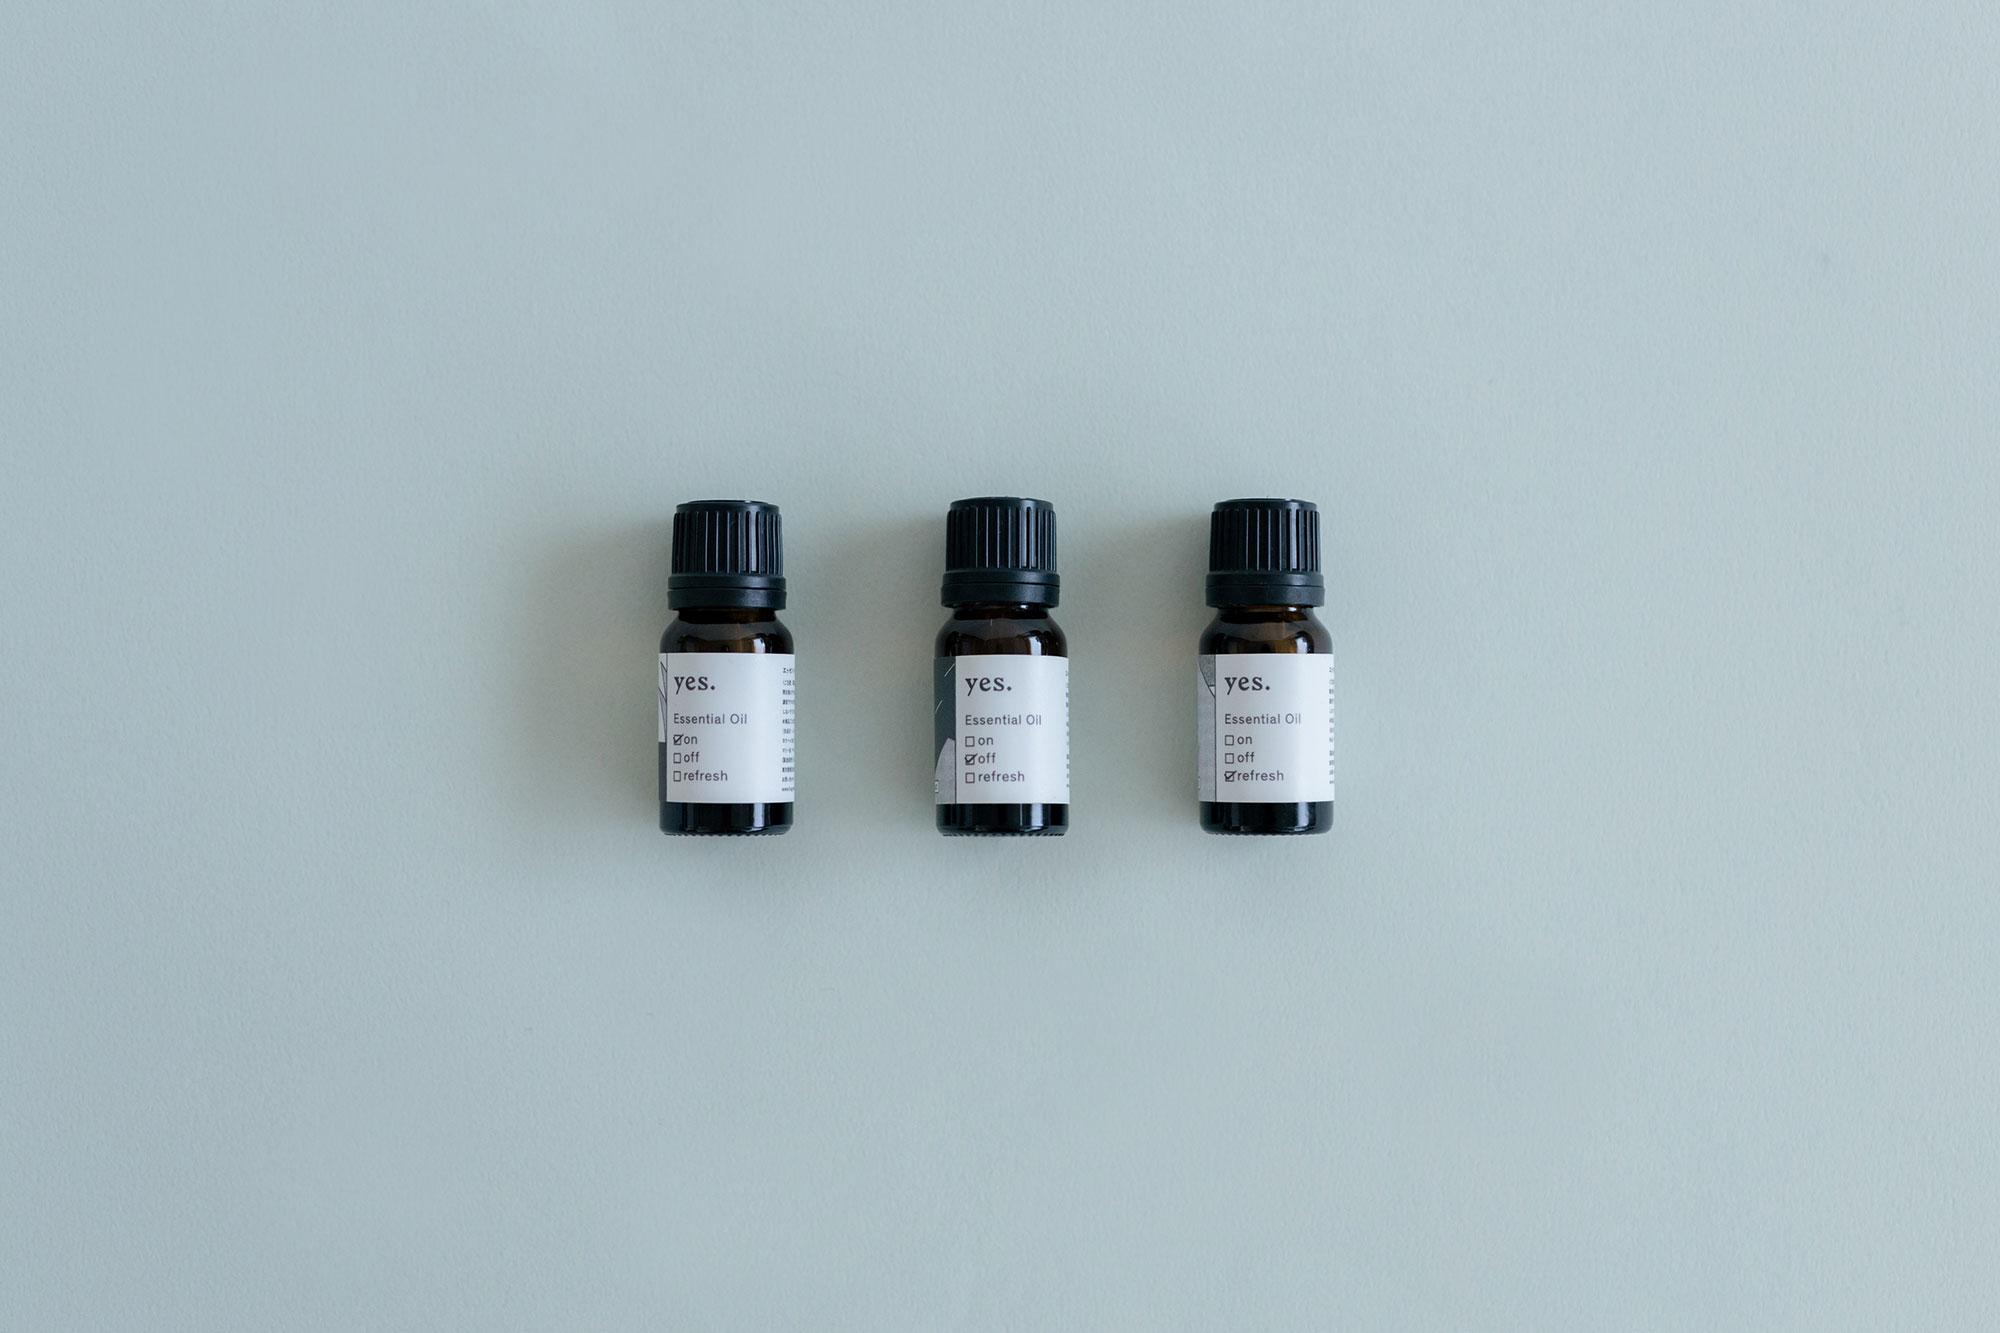 fragrance yes エッセンシャルオイル